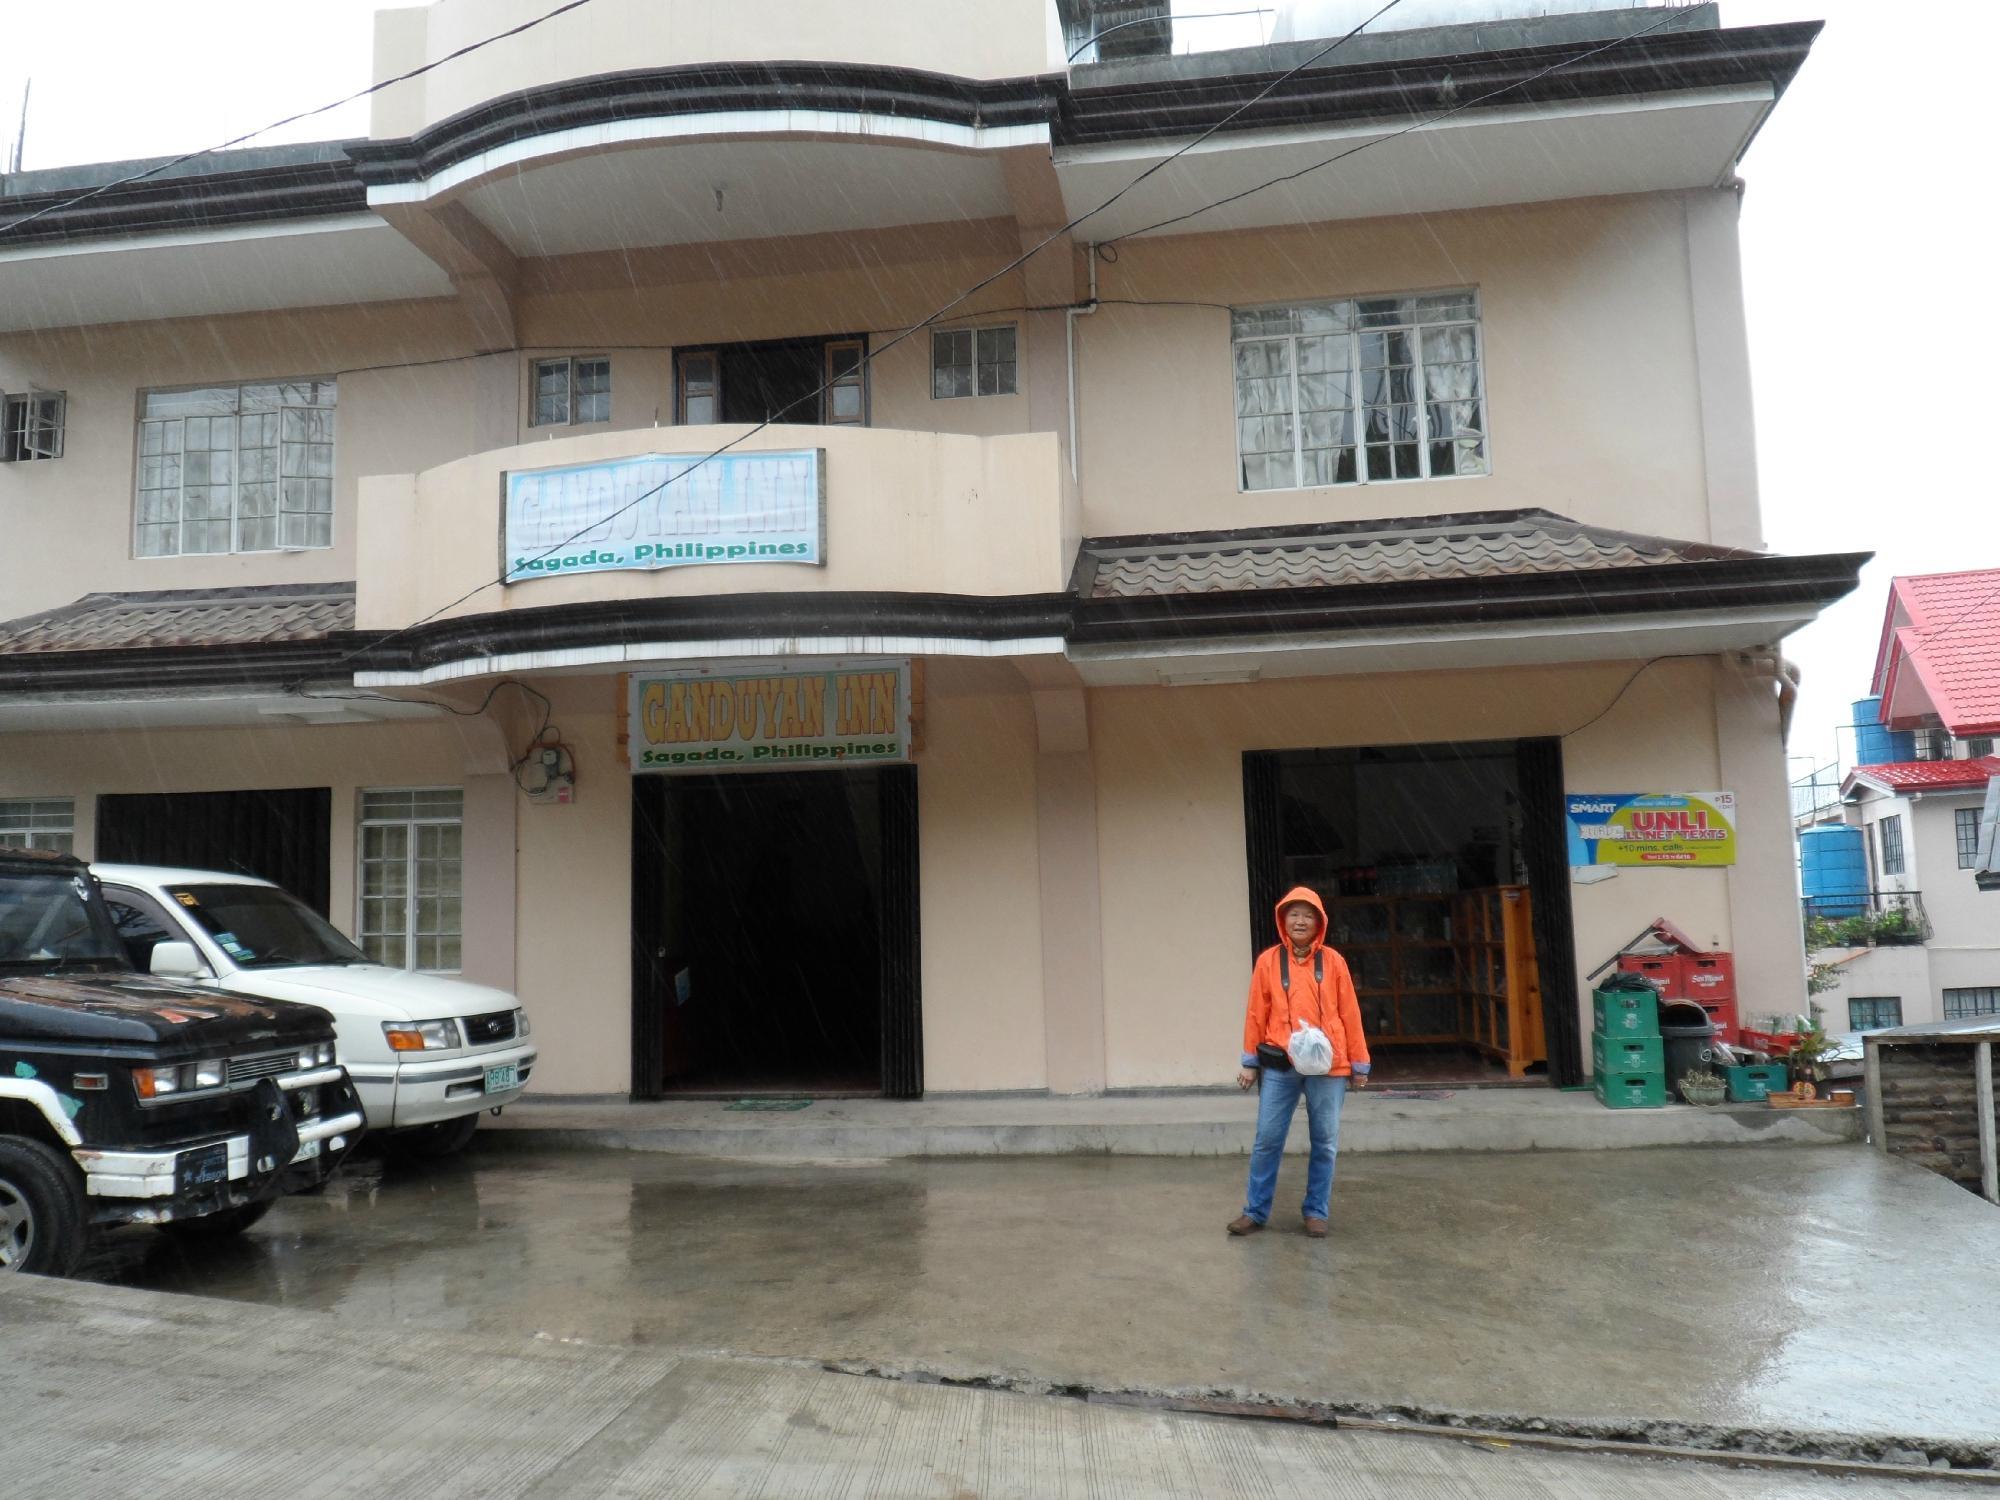 Ganduyan Inn